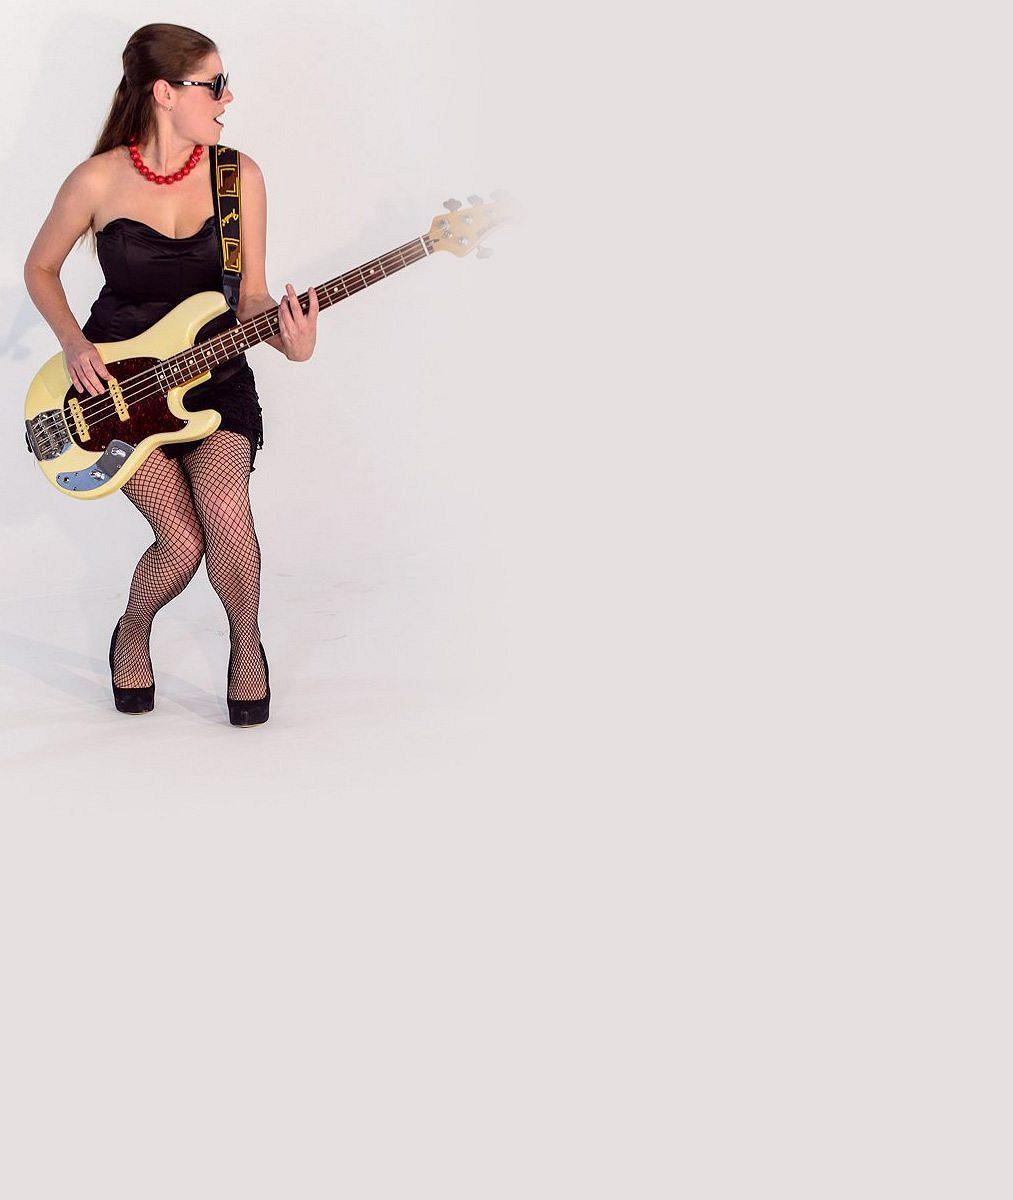 Nohy v síťce, podprsenka i noblesa dámy: Prsatá zpěvačka kultovní kapely ukázala v klipu své zbraně